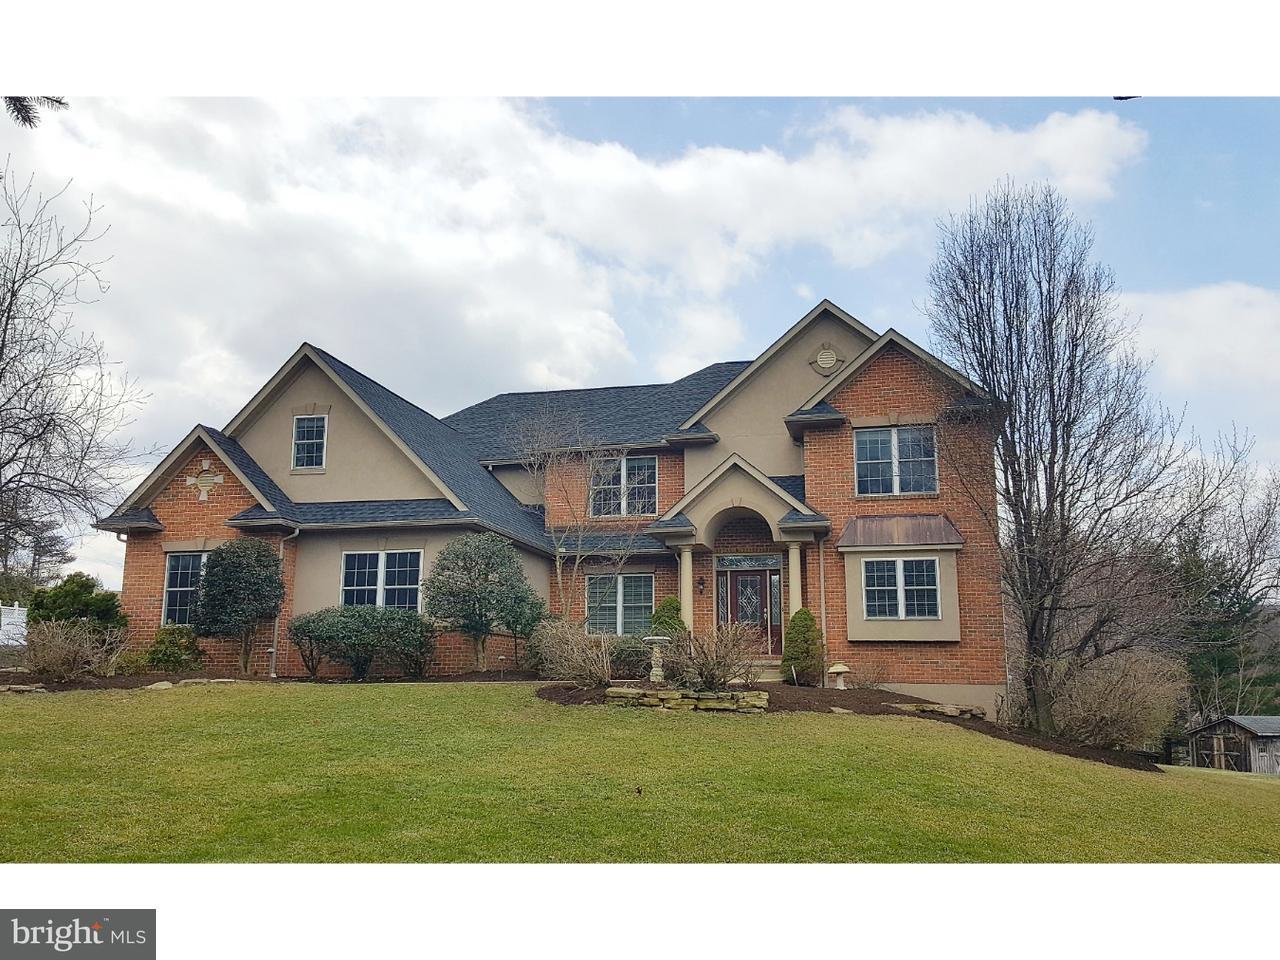 Частный односемейный дом для того Продажа на 209 HILLVIEW Circle Leesport, Пенсильвания 19533 Соединенные Штаты